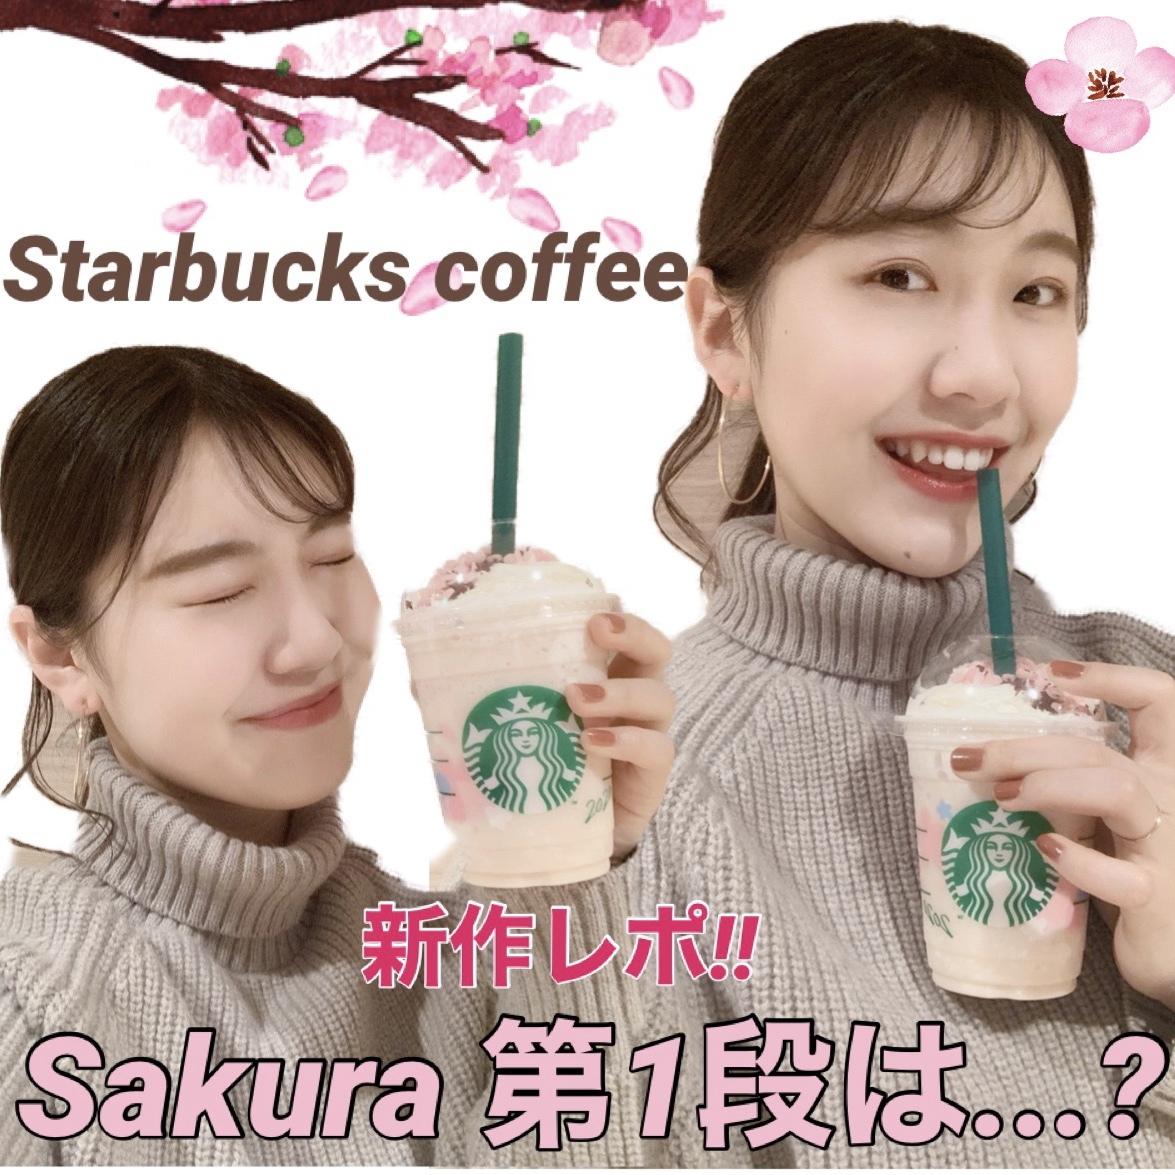 【スタバ】SAKURA2020第1段のドリンクは!?_1_1